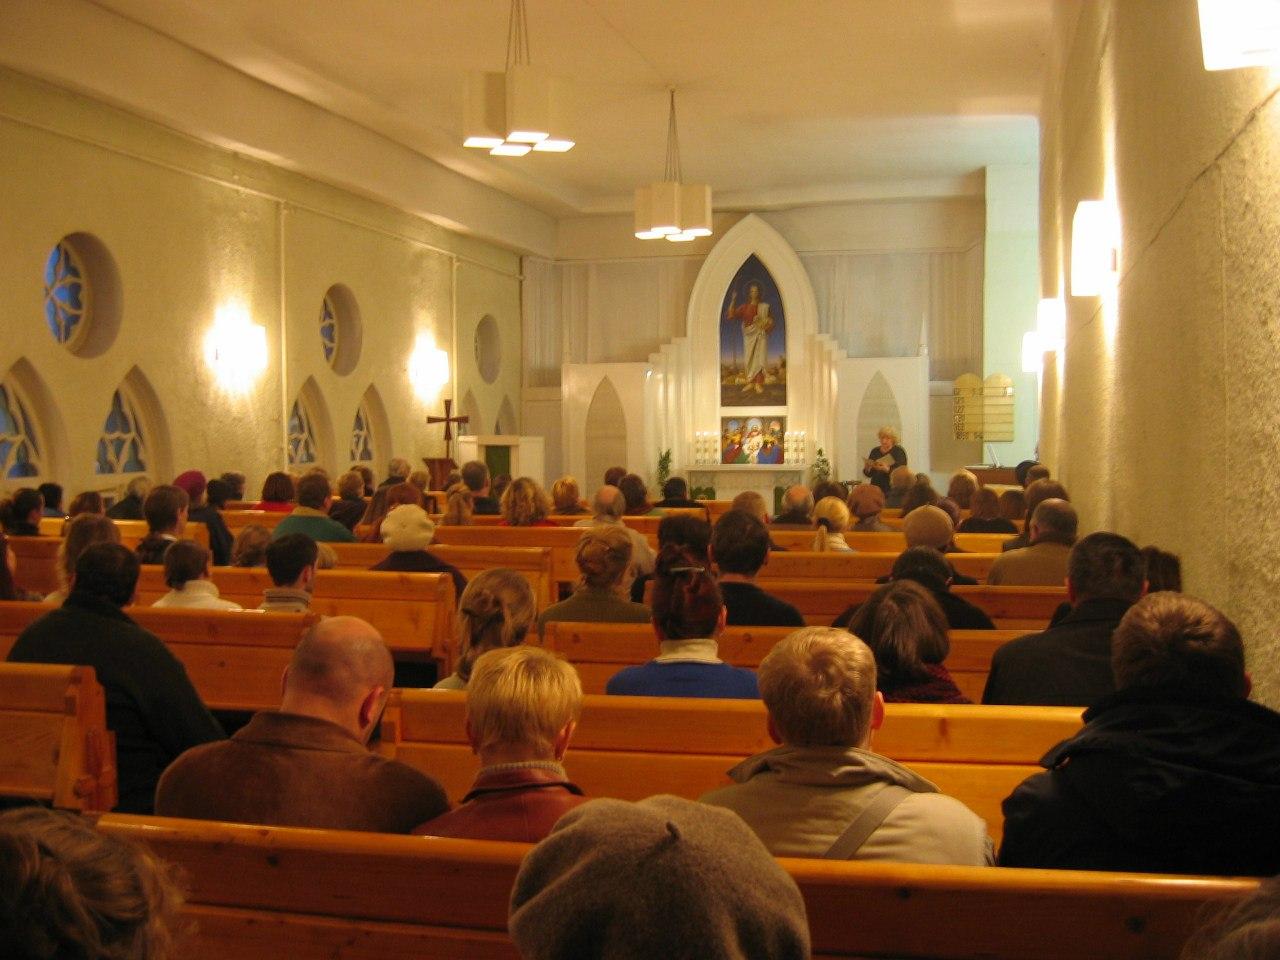 Лютеранская Церковь Святого Михаила - Богослужебный зал, источник фото: https://vk.com/spbstmihail